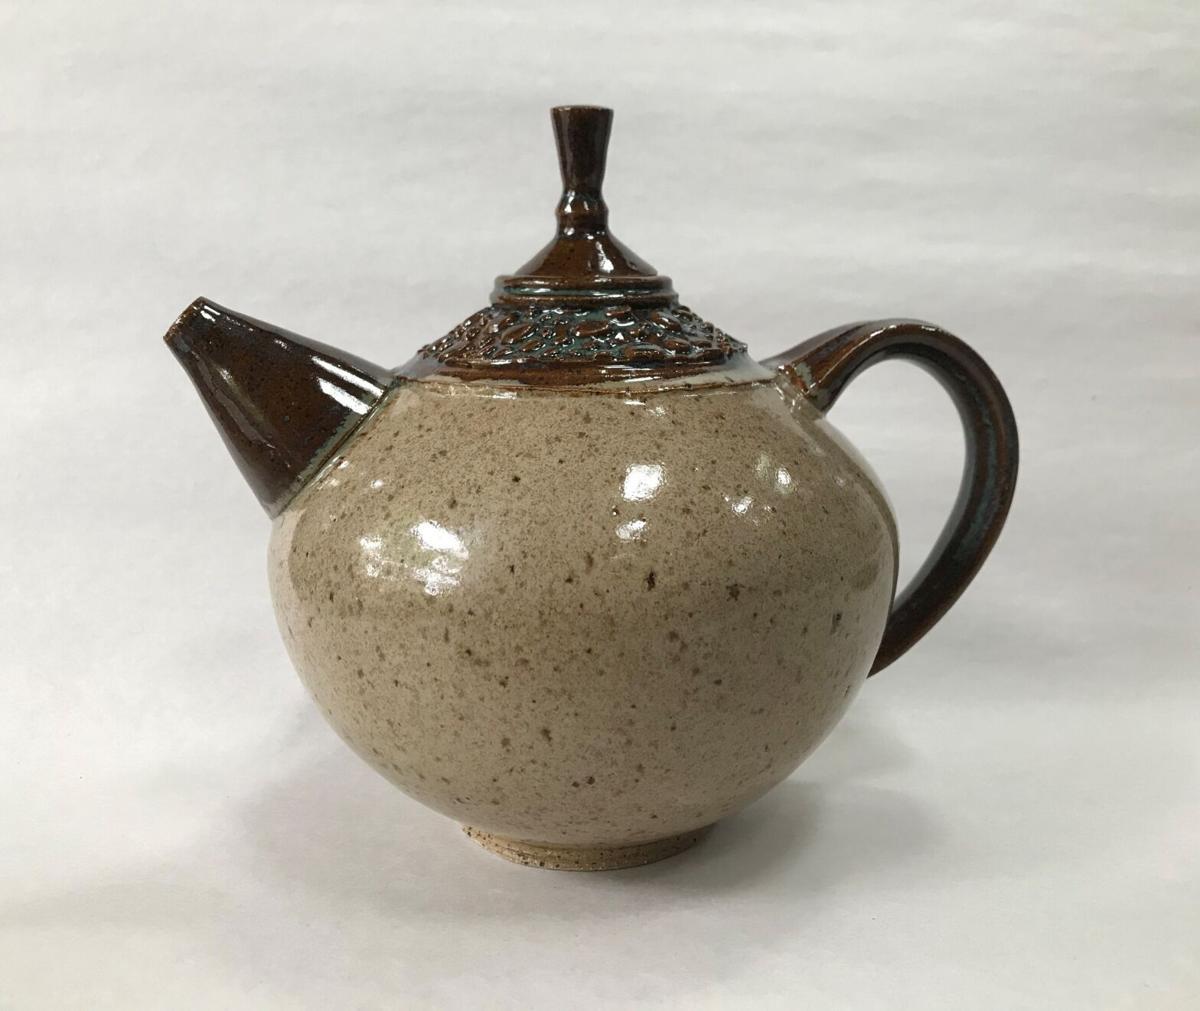 Image #1 Teapot Joe Savage.jpg